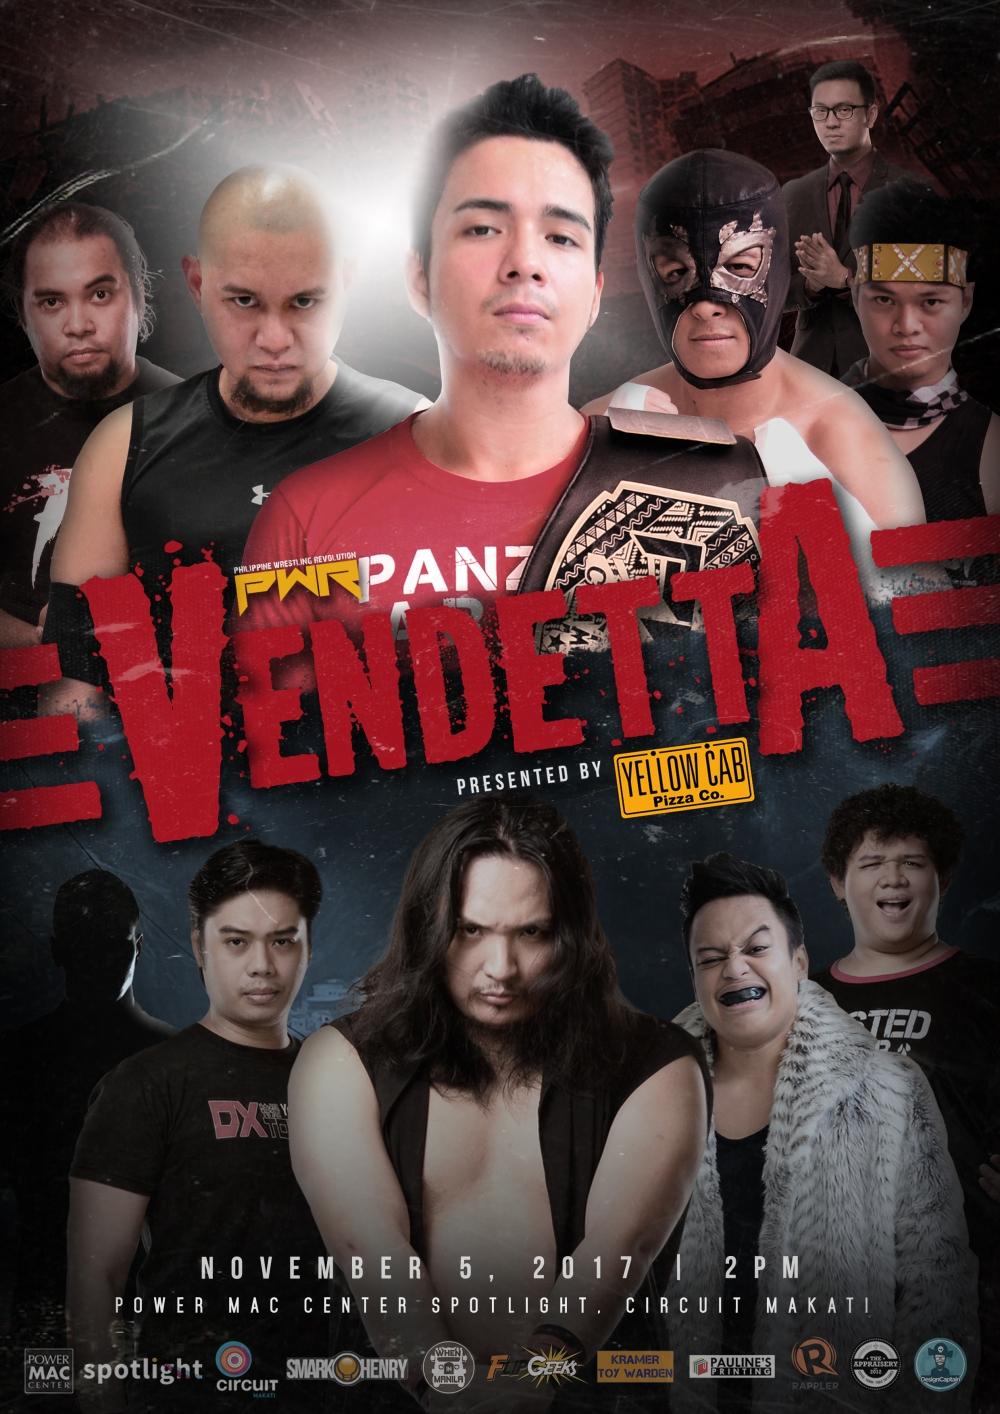 Vendetta 2017 Poster.jpg